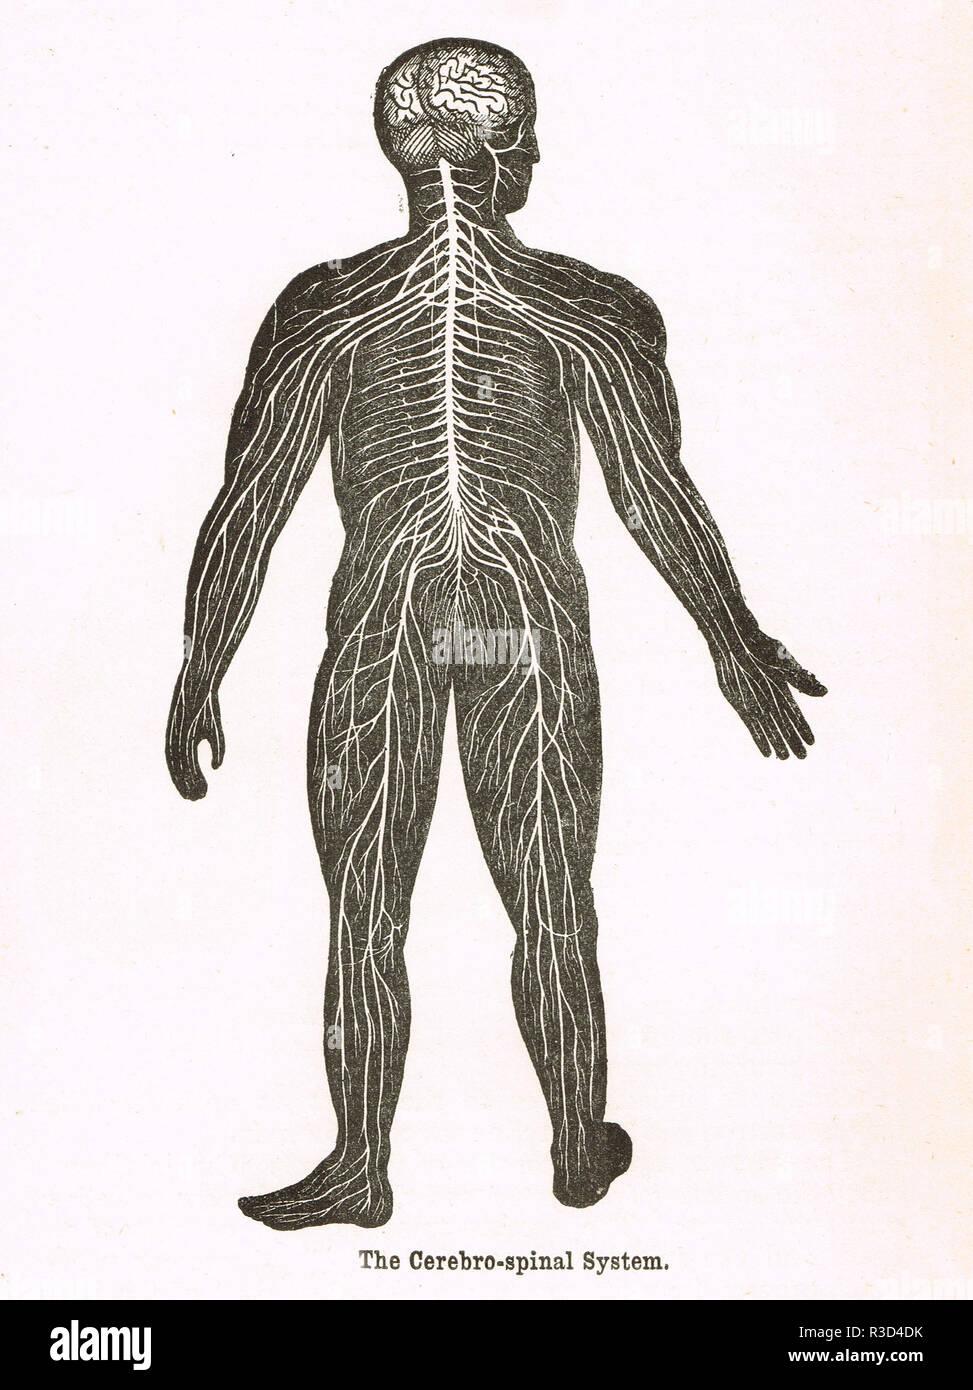 Cerebrospinalflüssigkeit System, menschlichen Körper. Diagramm aus dem 19. Jahrhundert. Stockbild